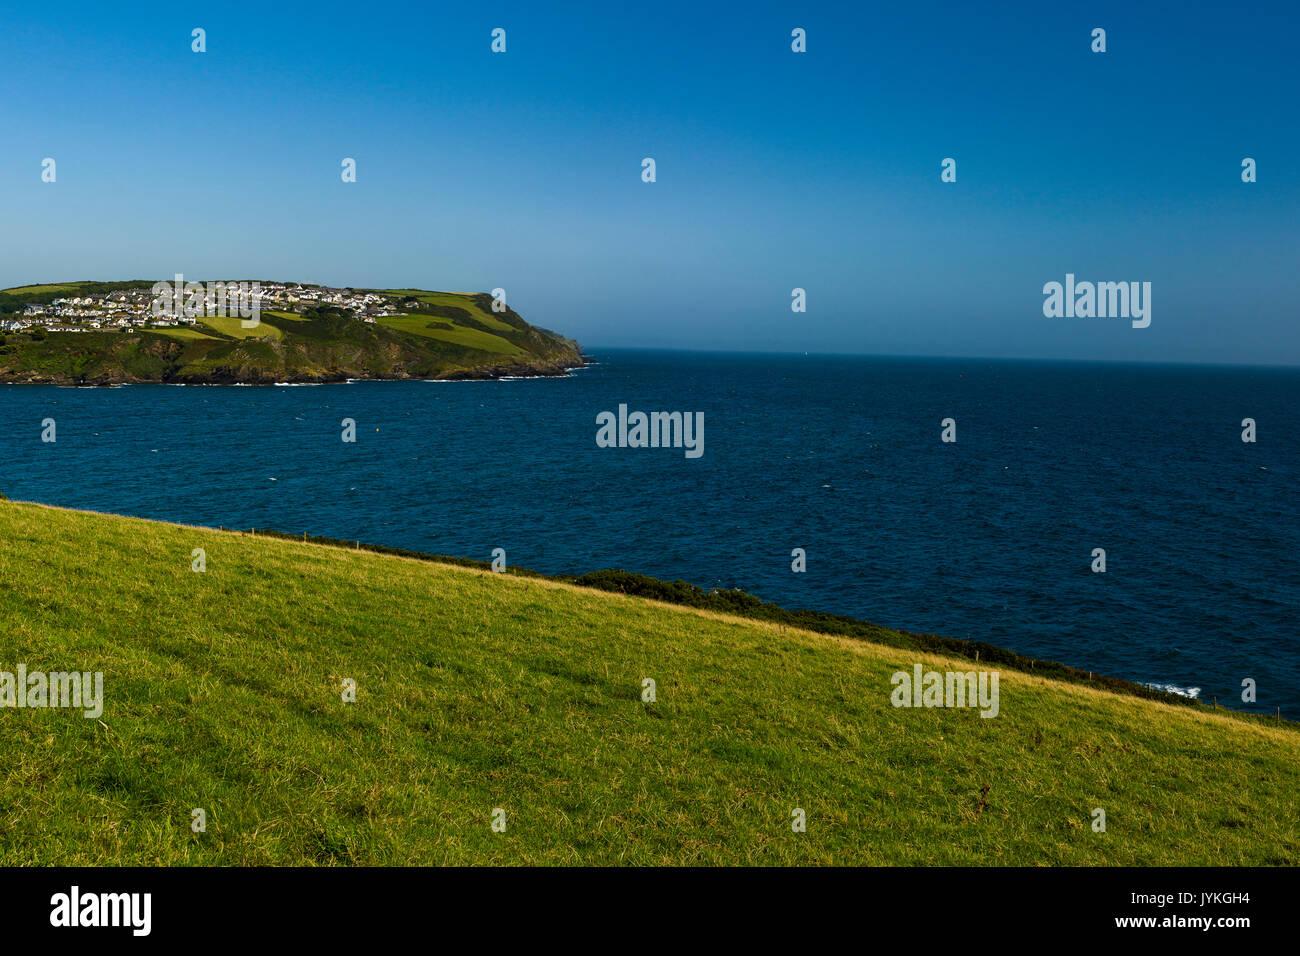 Polruan et Fowey Cornwall dans l'estuaire en été, une ligne distincte dans la mer peut être vu où l'eau douce et s'unir et de se dissiper. Photo Stock